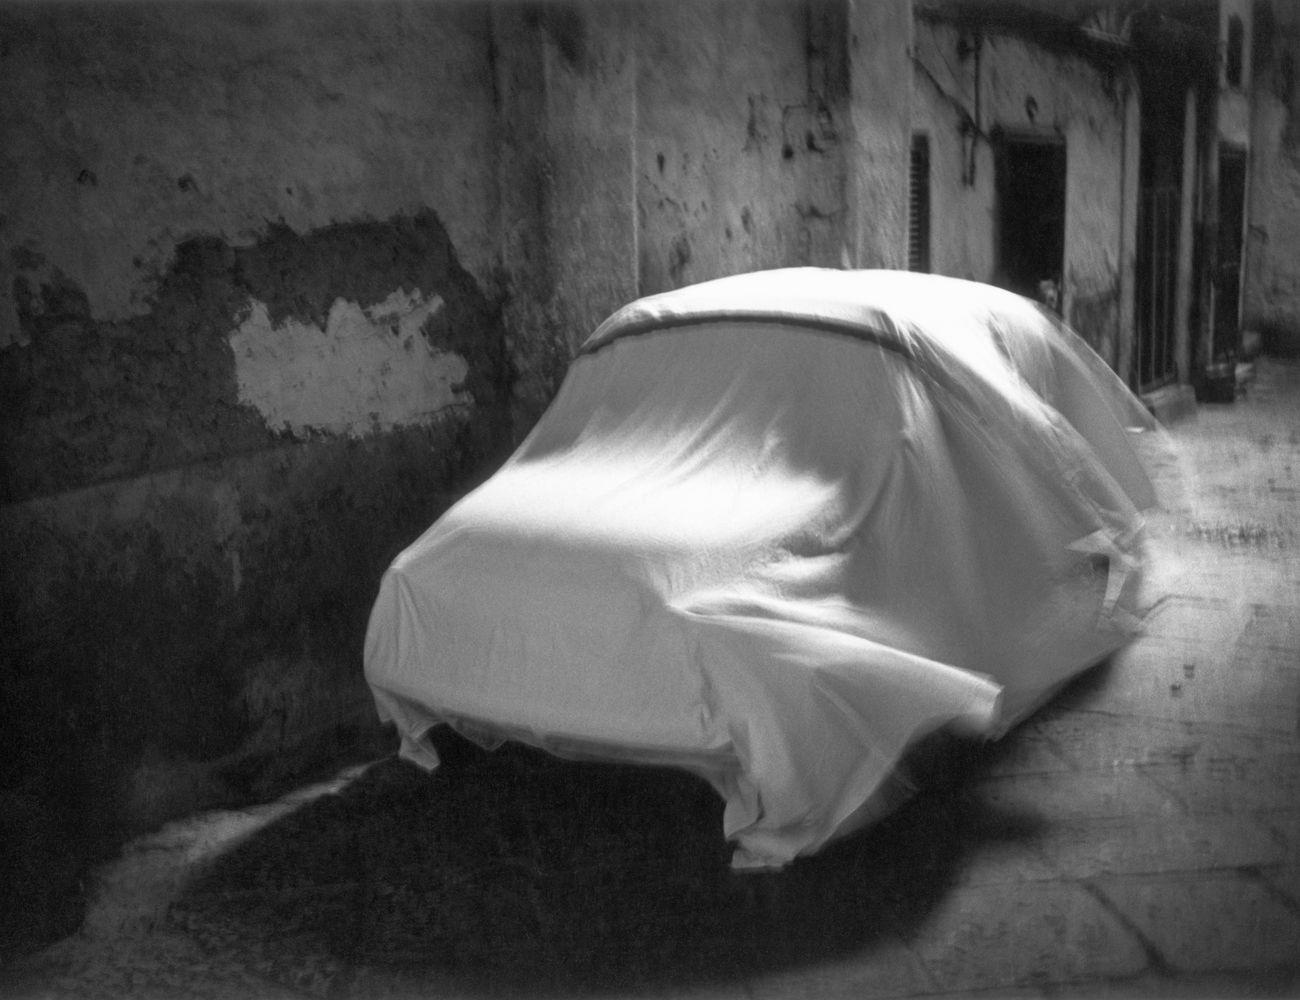 Mimmo Jodice, Vedute di Napoli, Opera 29, 1980. Credits Collezione Farnesina